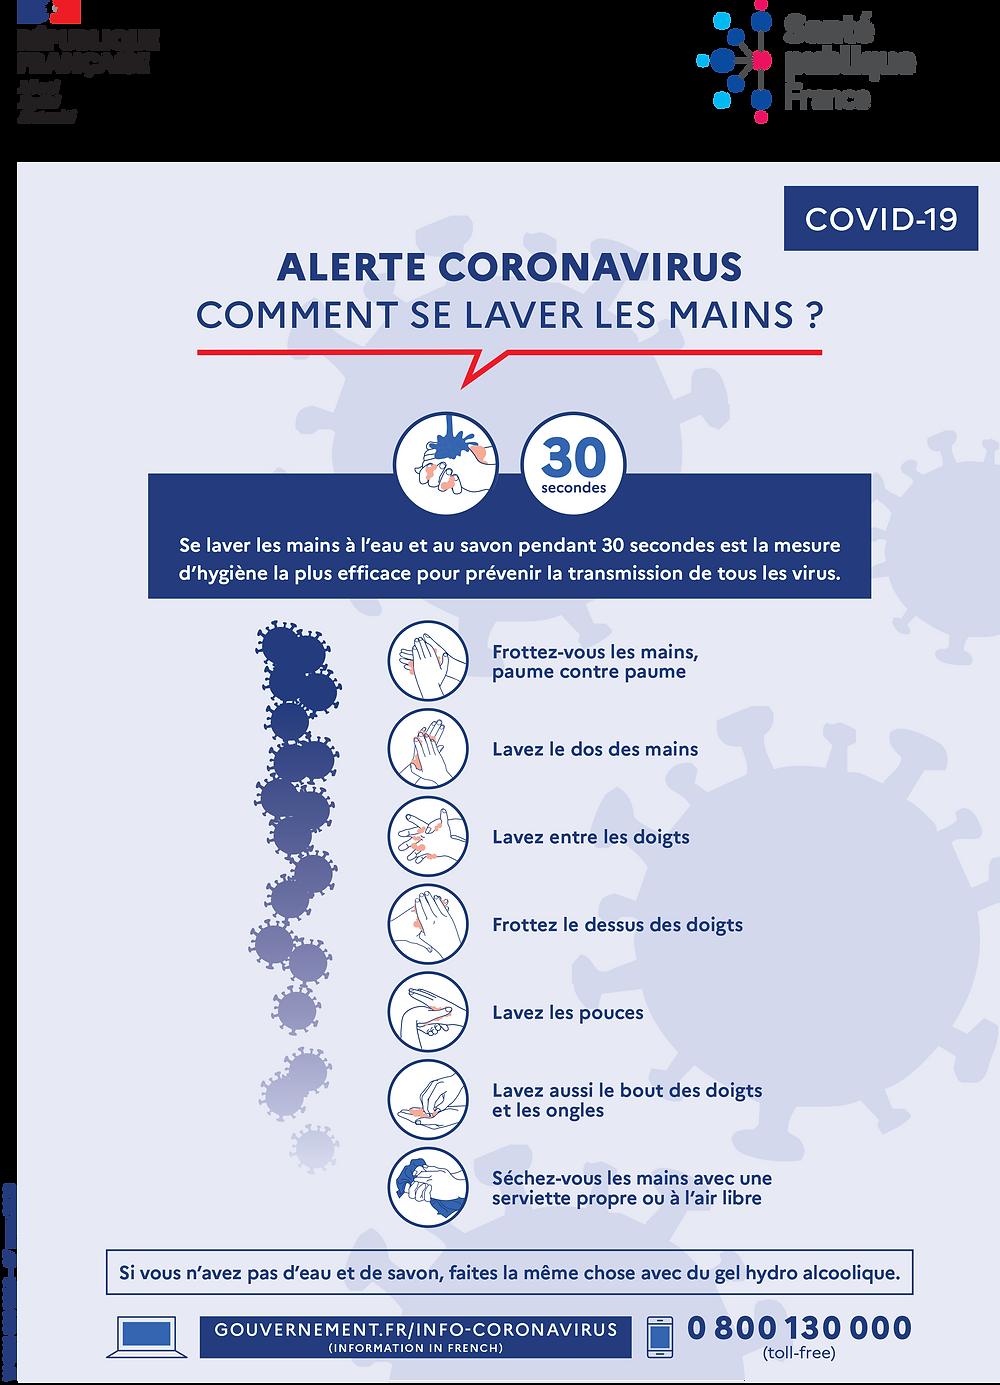 Comment se laver les mains pour éviter la transmission du virus Covid19